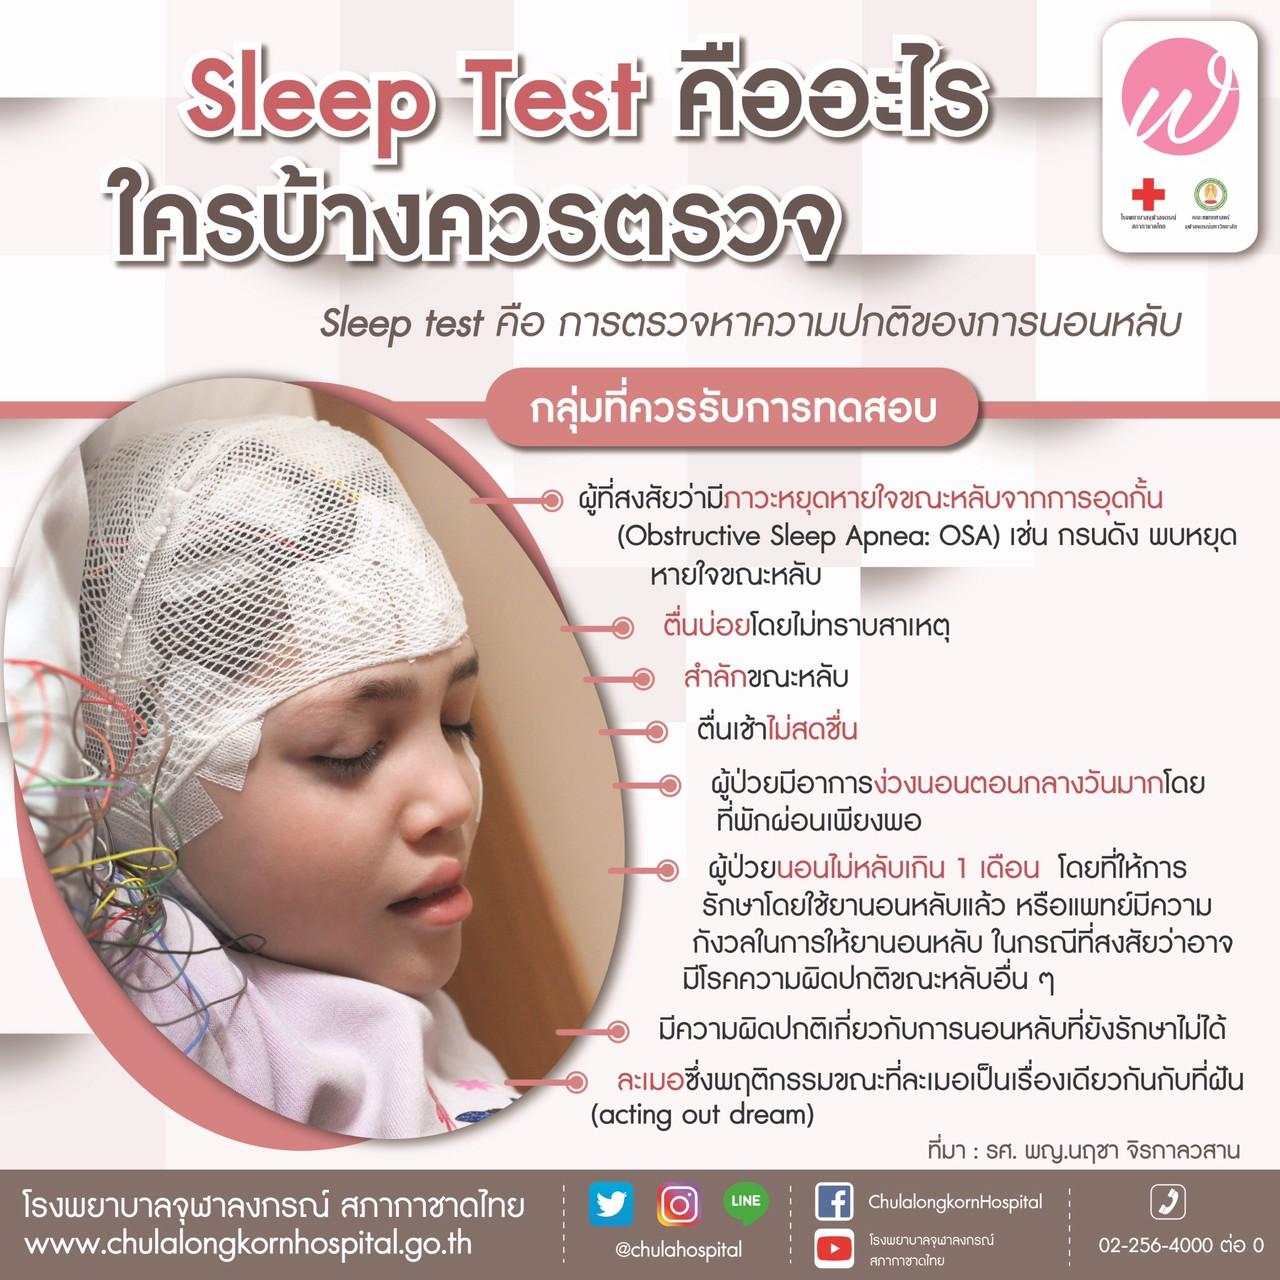 Sleep Test คืออะไร ใครบ้างควรตรวจ